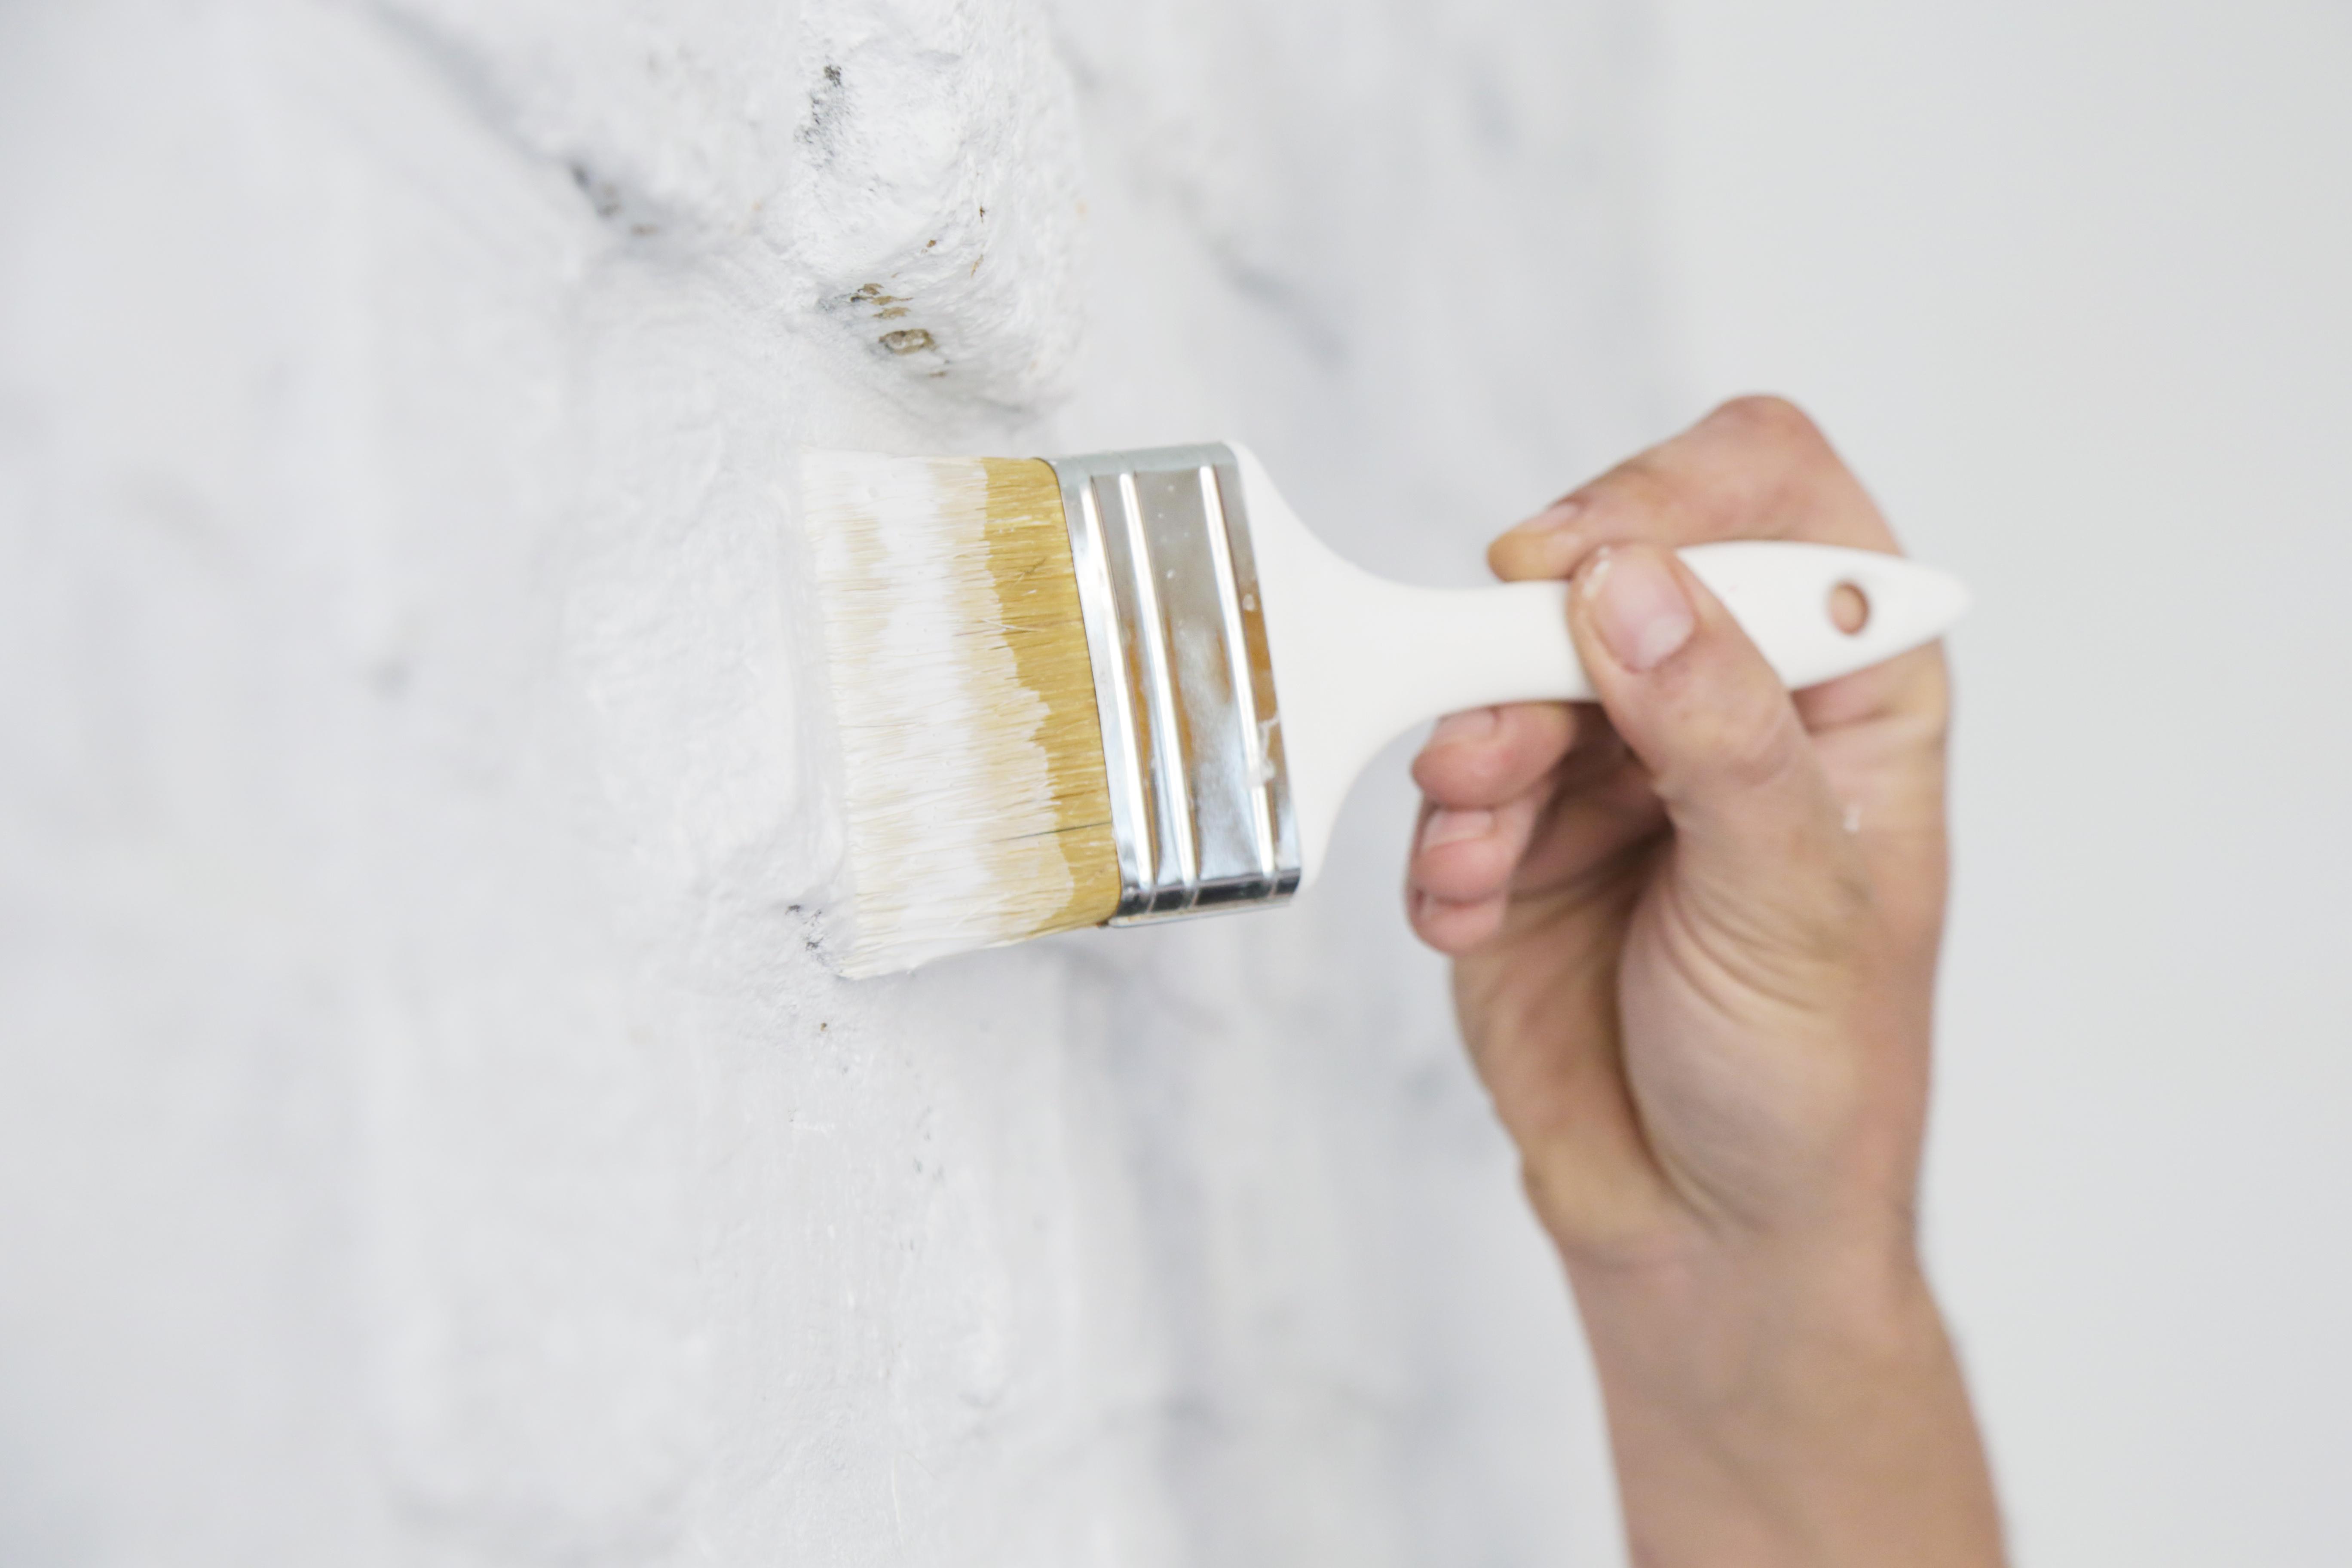 Efekt ombre na ścianie - malowanie pędzlem